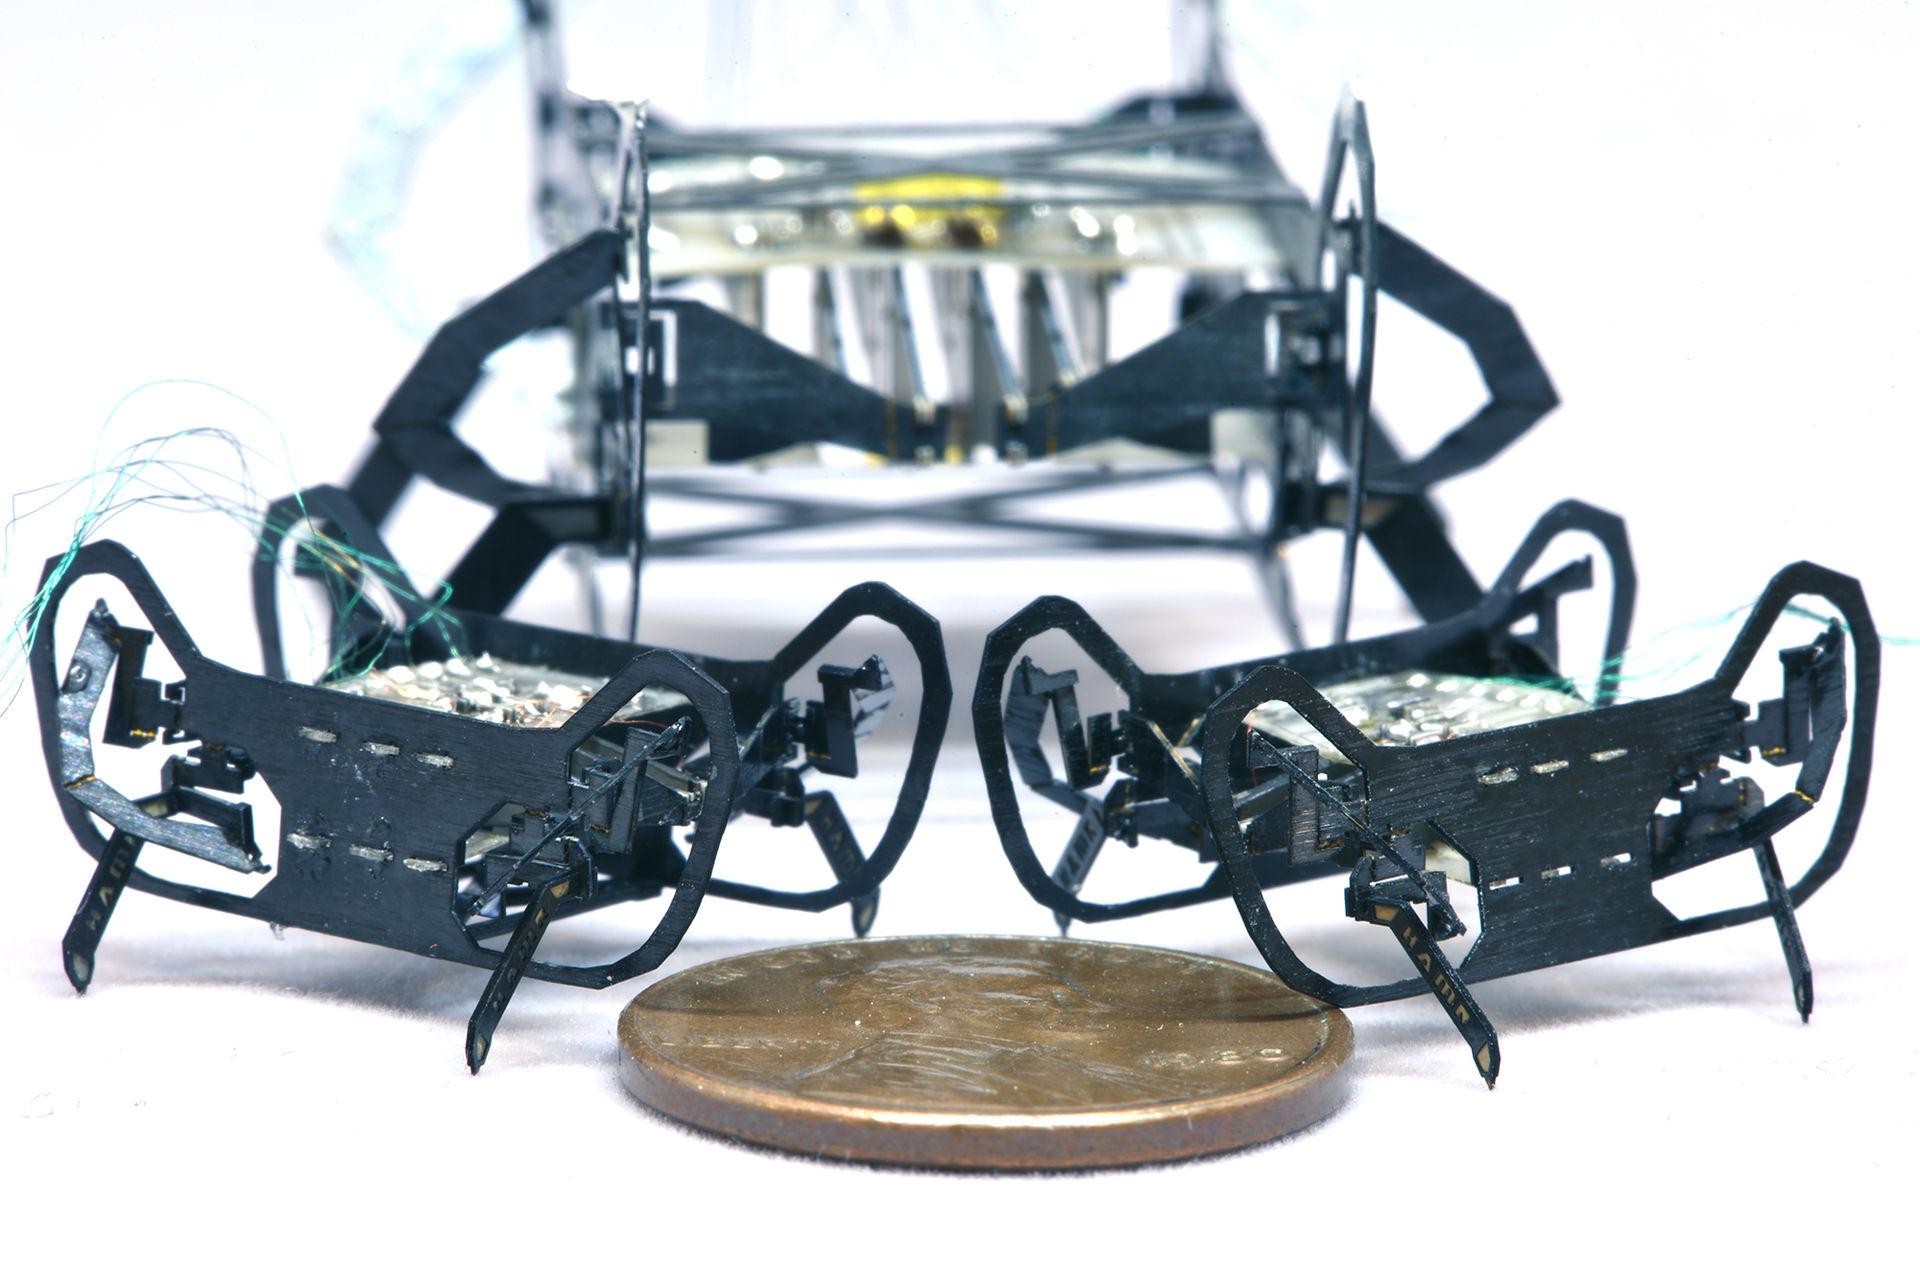 Roboten HAMR-Jr har hämtat inspiration från kackerlackor